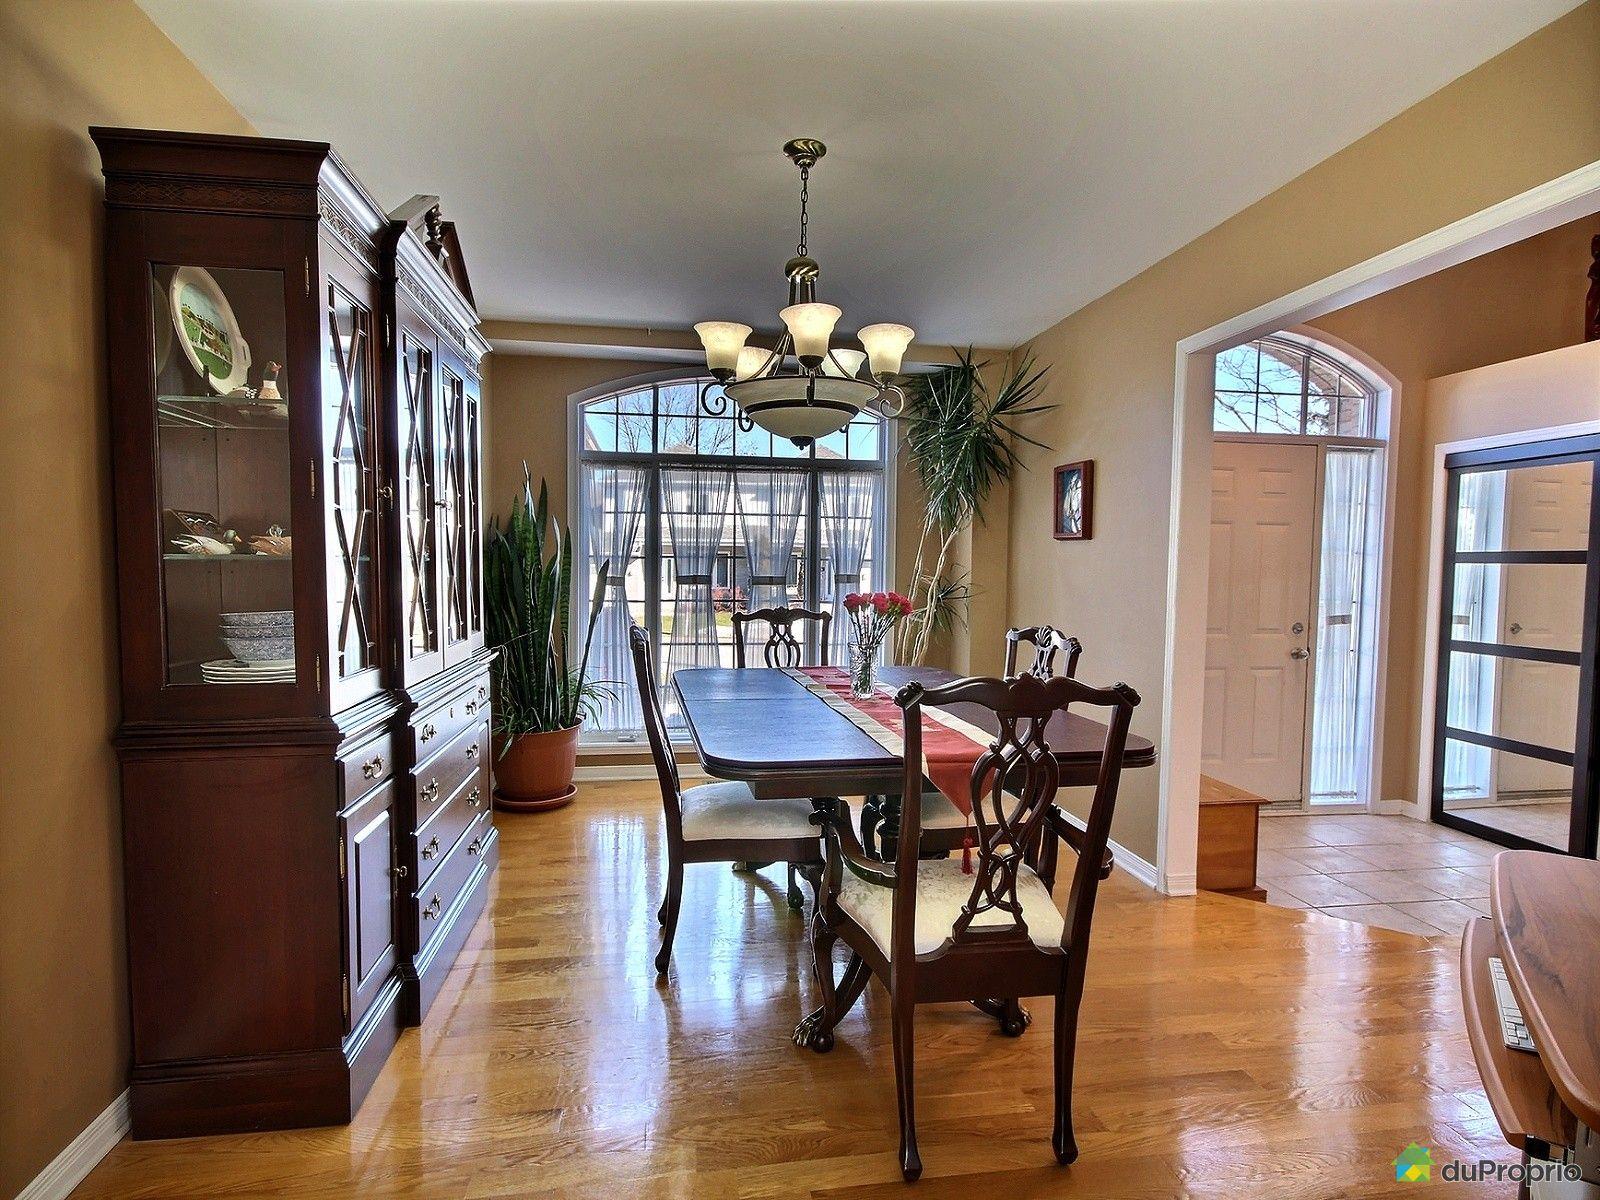 Maison vendre montr al 103 rue bastien immobilier for Salle a manger bastien